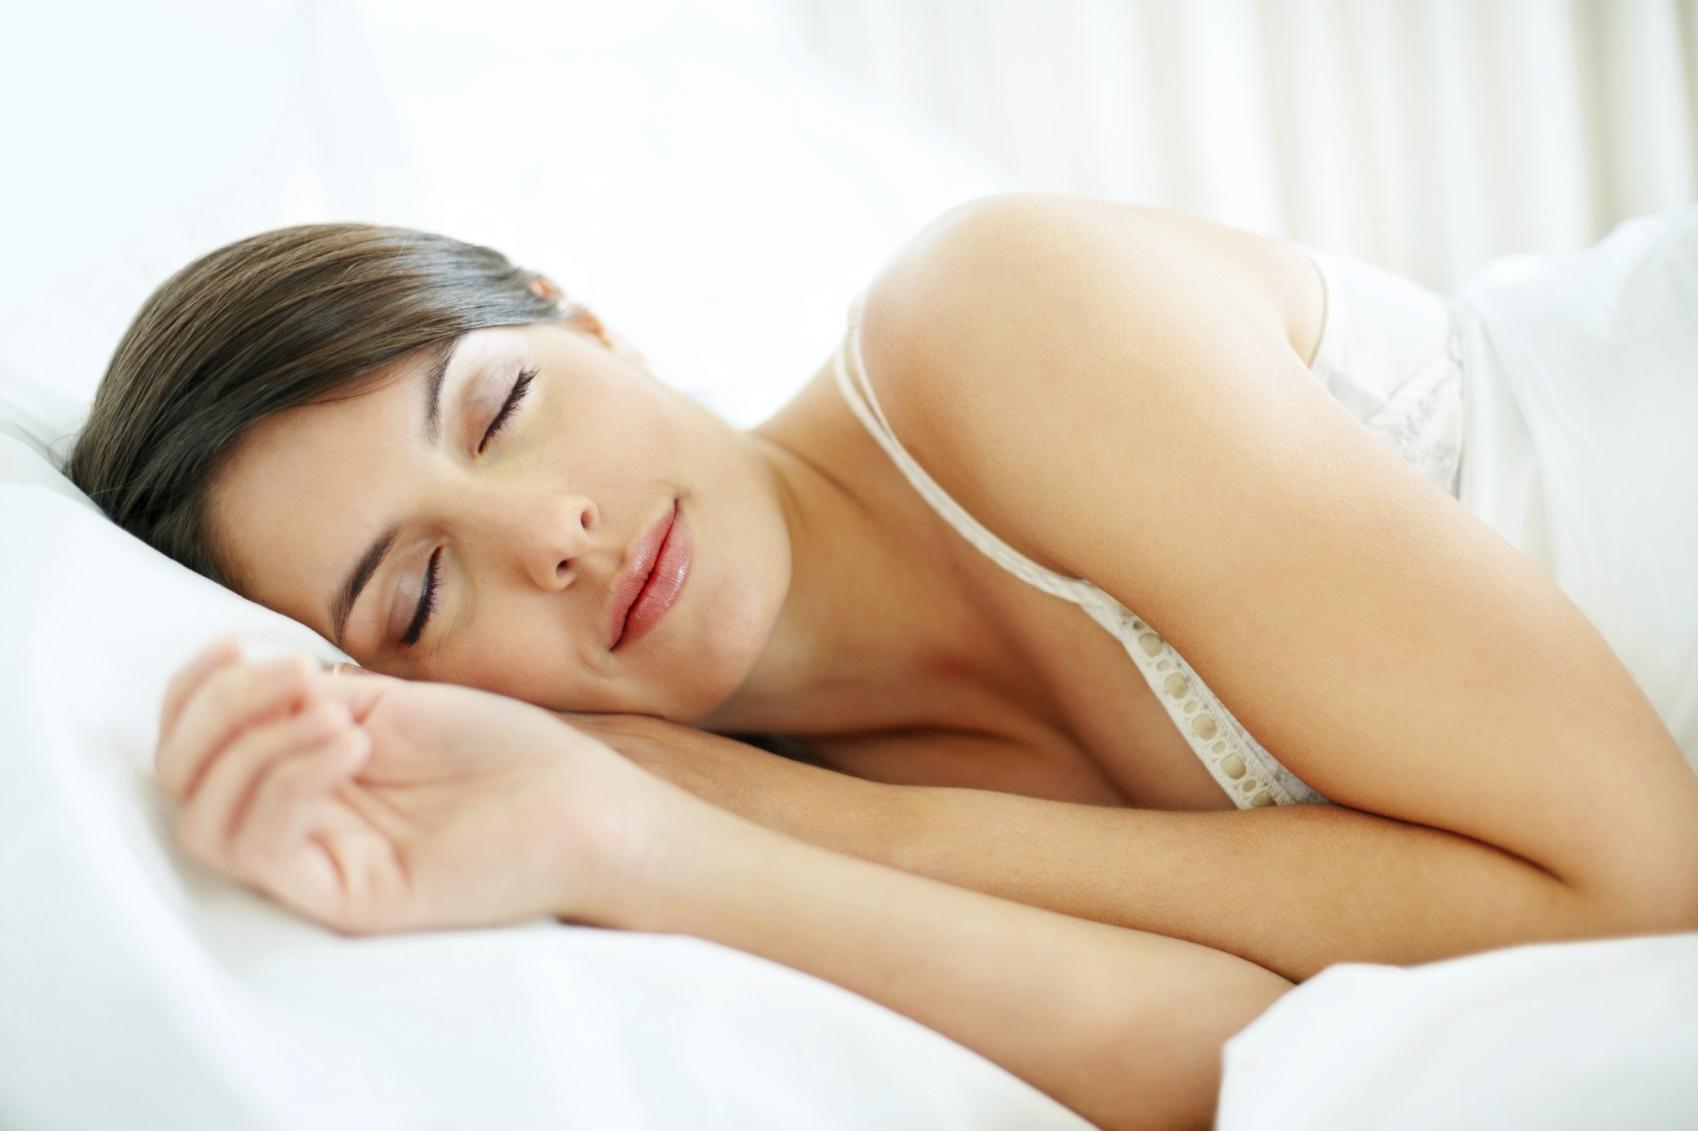 Stimolazione sonora durante il sonno aumenta la memoria